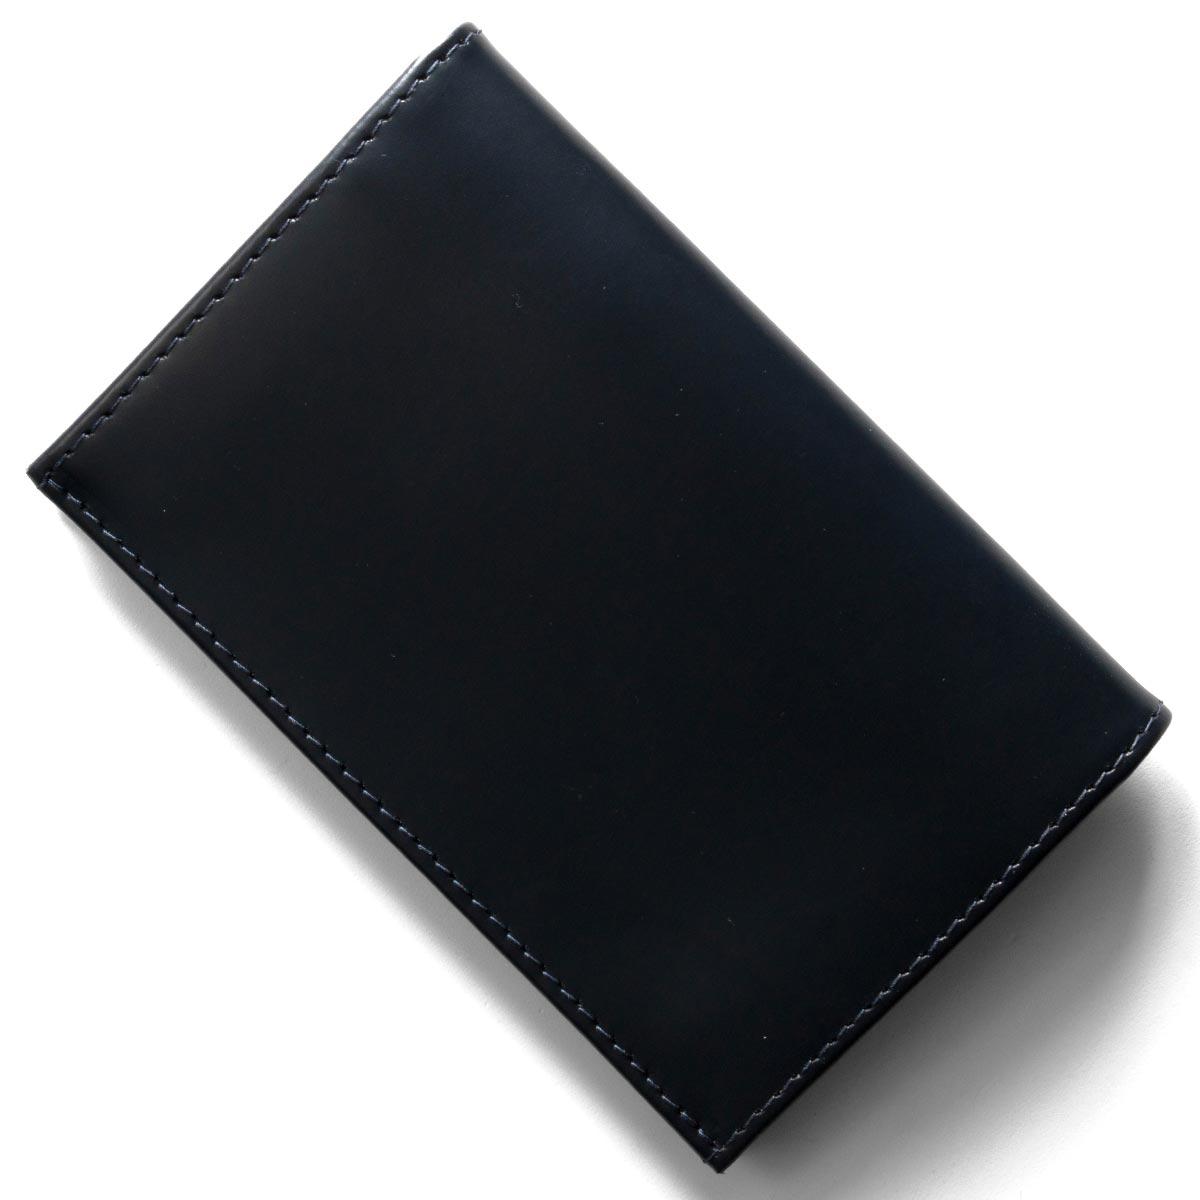 エッティンガー カードケース/名刺入れ メンズ ブライドル ネイビー&パネルハイドイエロー 143JR BH NAVY ETTINGER